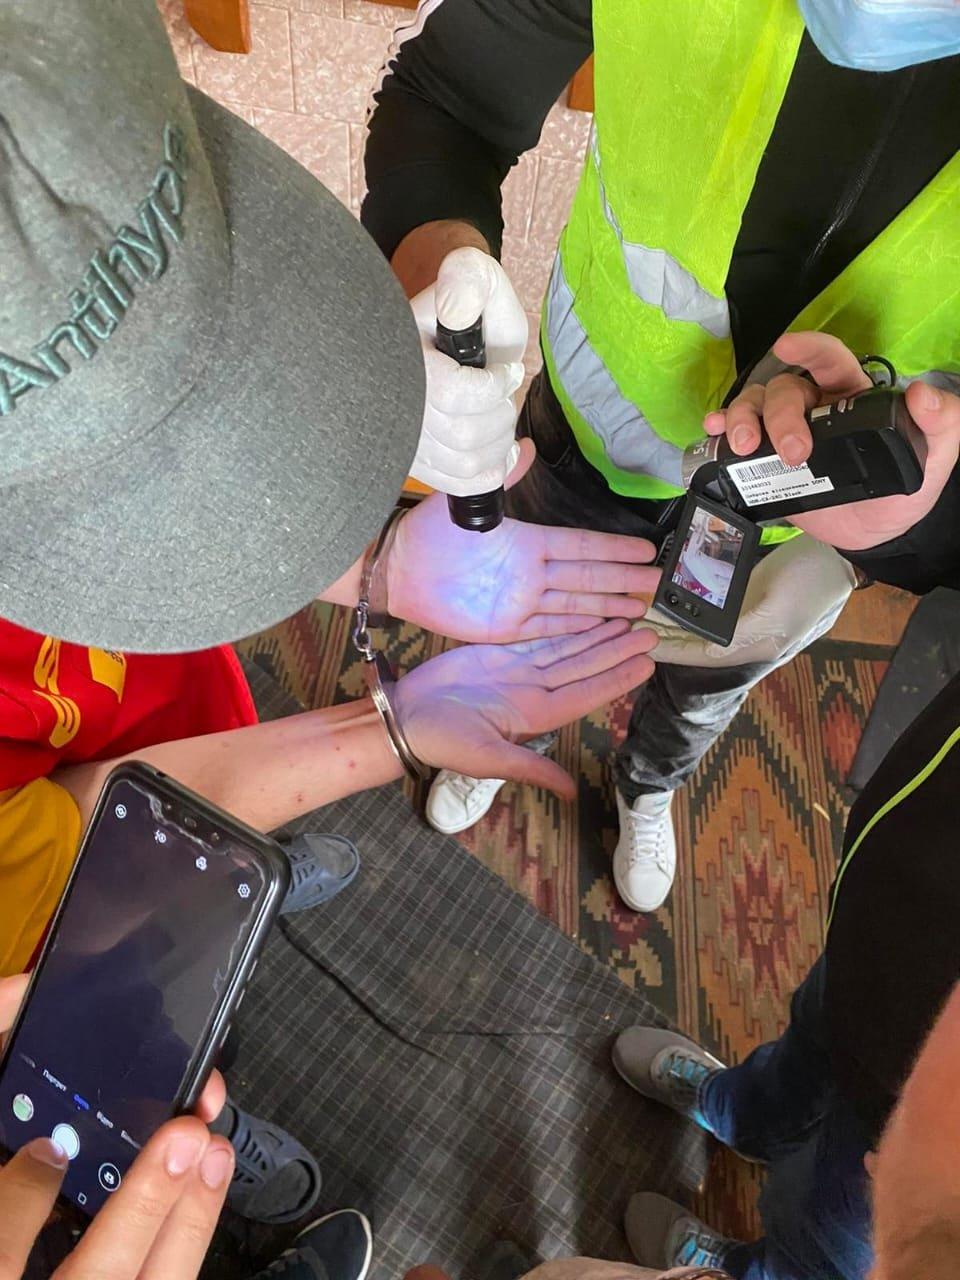 На Львівщині поліцейські затримали наркодилера, Фото: пресслужби поліції Львівщини